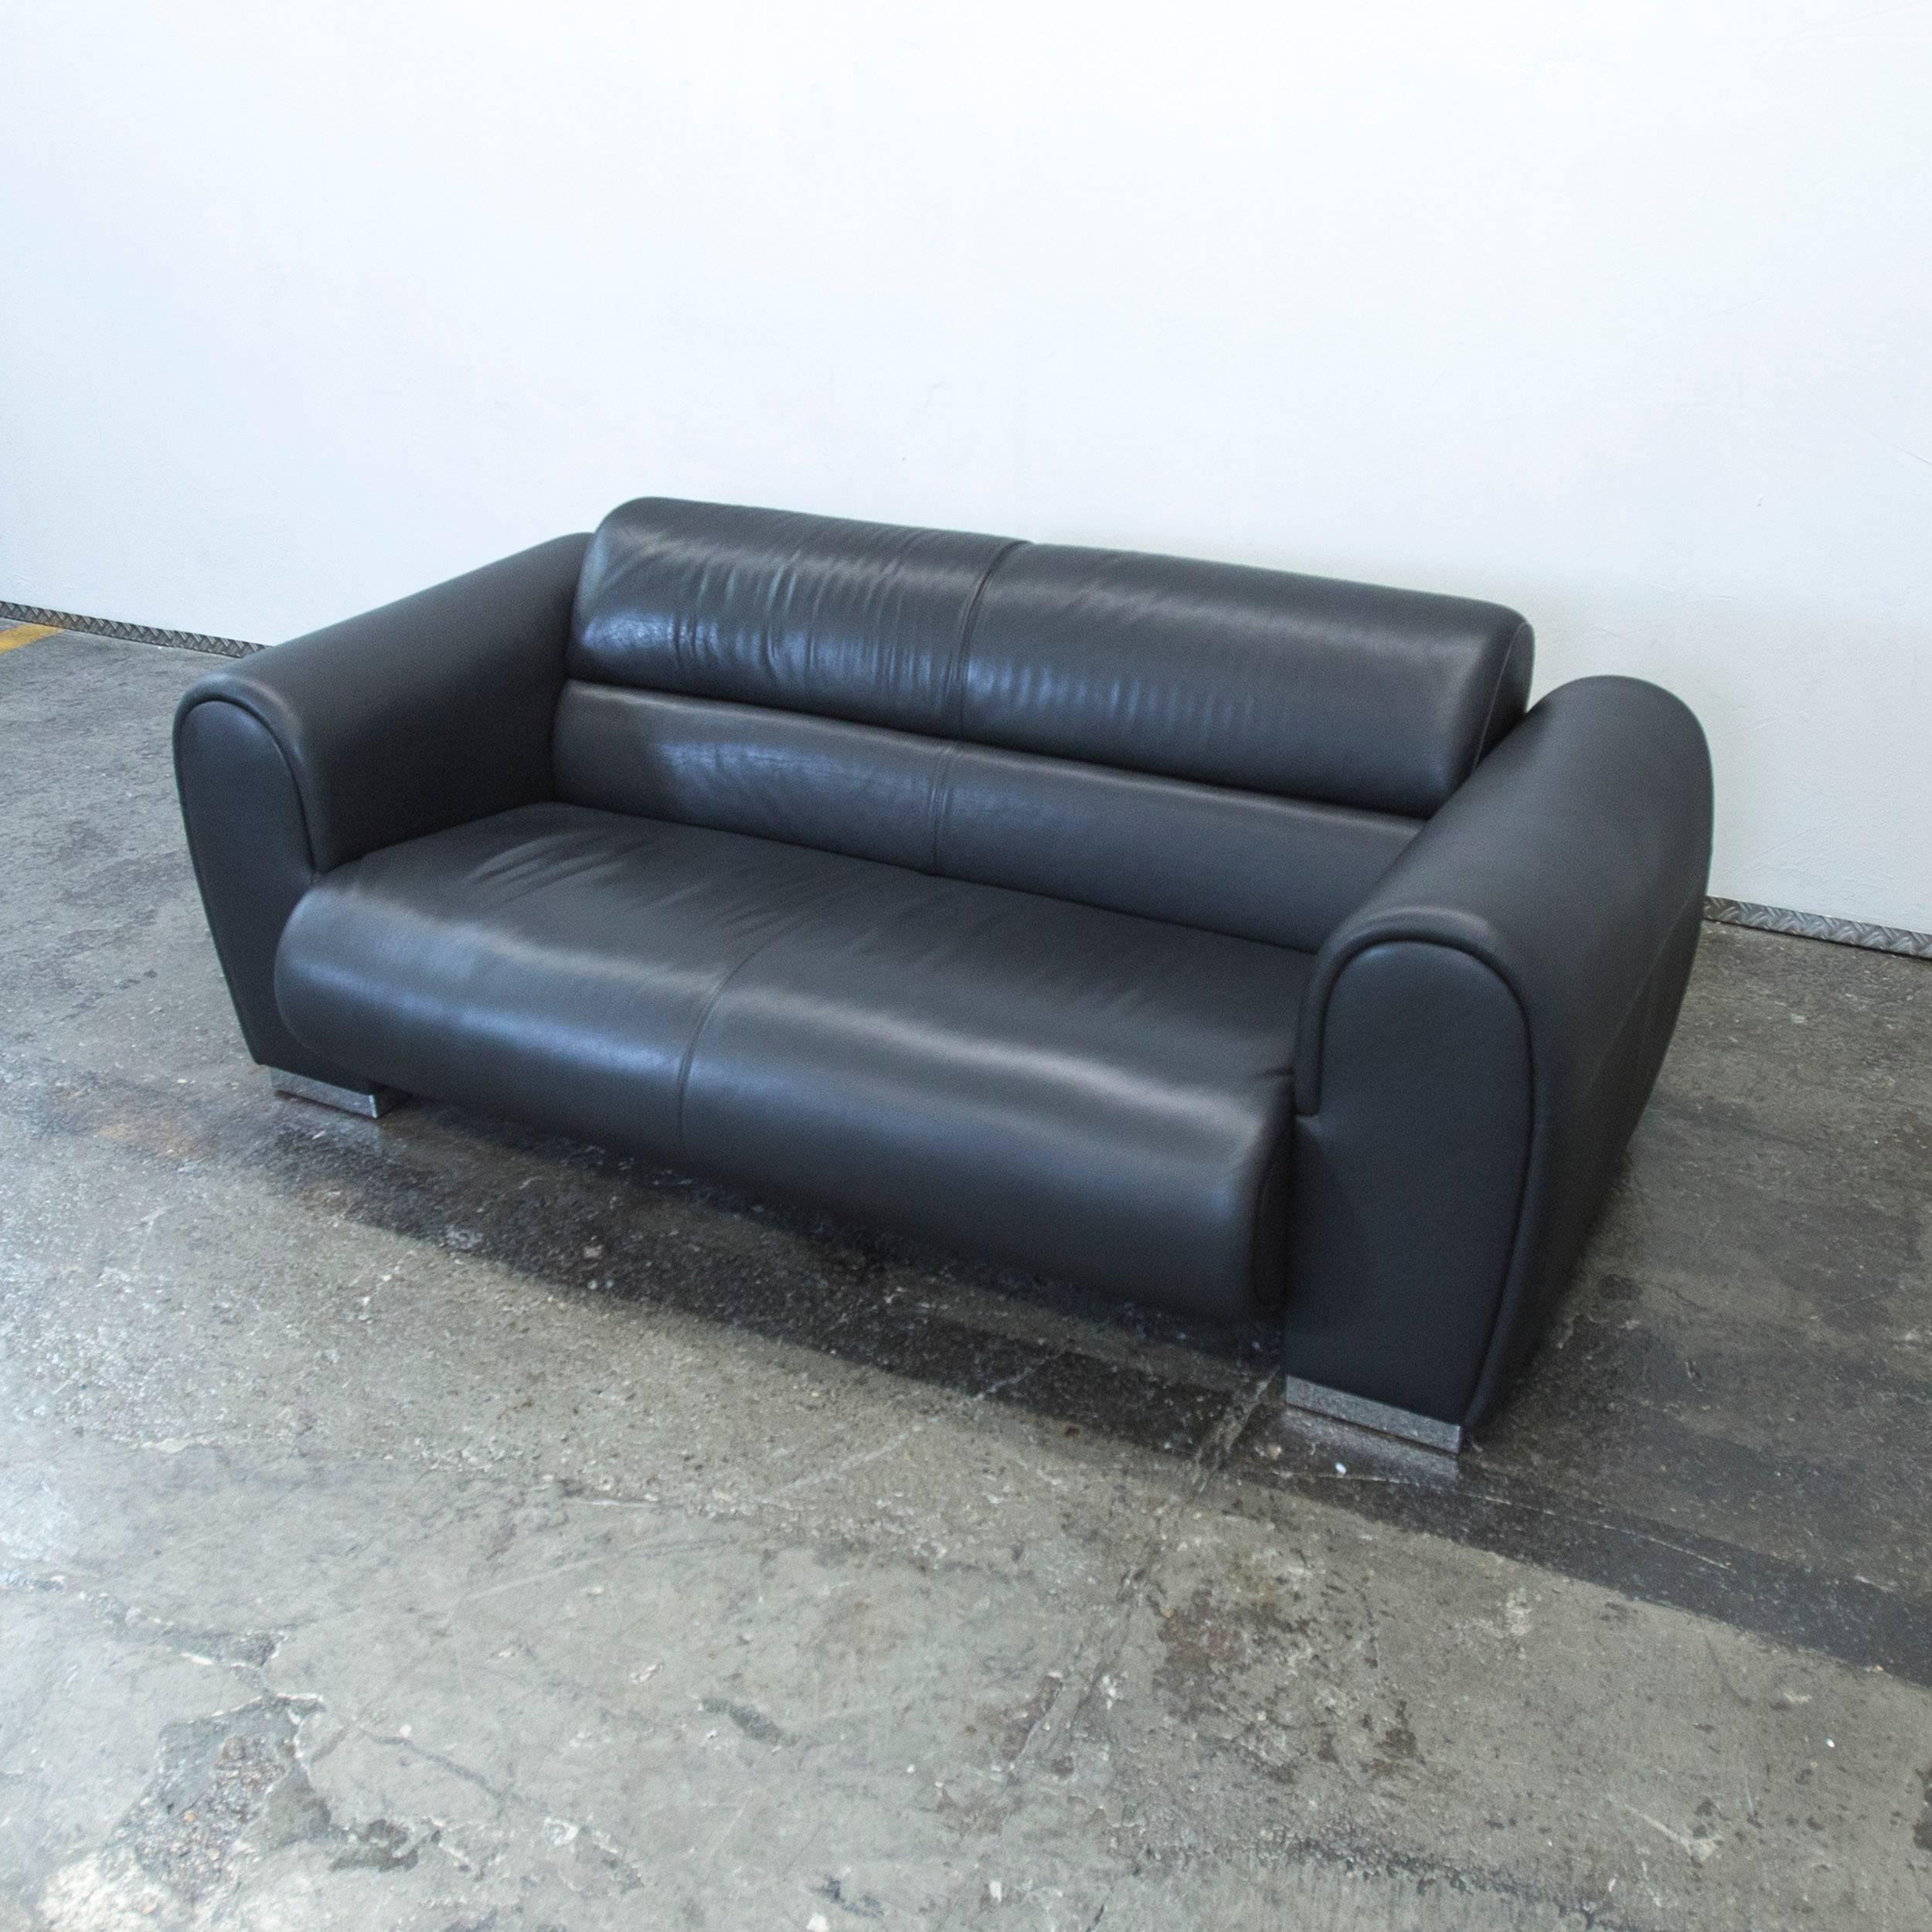 Designer Couch Leder Stunning Wunderbar Gro Benz Couch Leder Rolf